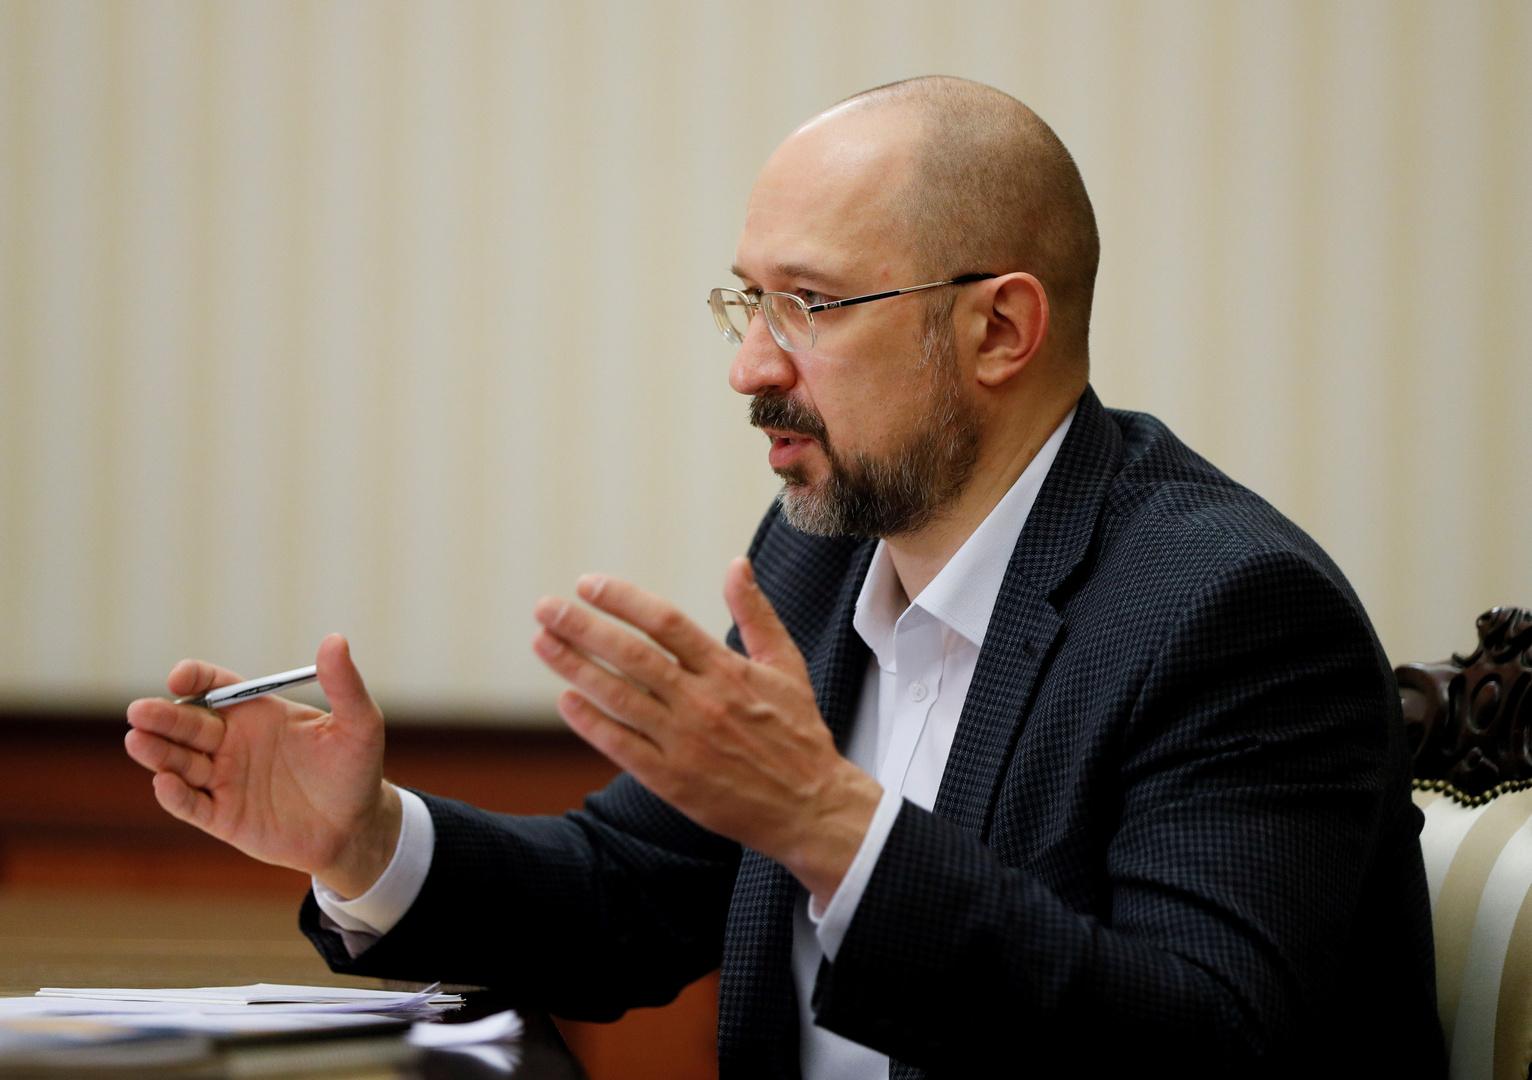 رئيس الوزراء الأوكراني: نصف <a href='/tags/174792-%D8%A7%D9%84%D8%A3%D9%88%D9%83%D8%B1%D8%A7%D9%86%D9%8A%D9%8A%D9%86'>الأوكرانيين</a> غير مستعدين للتطعيم